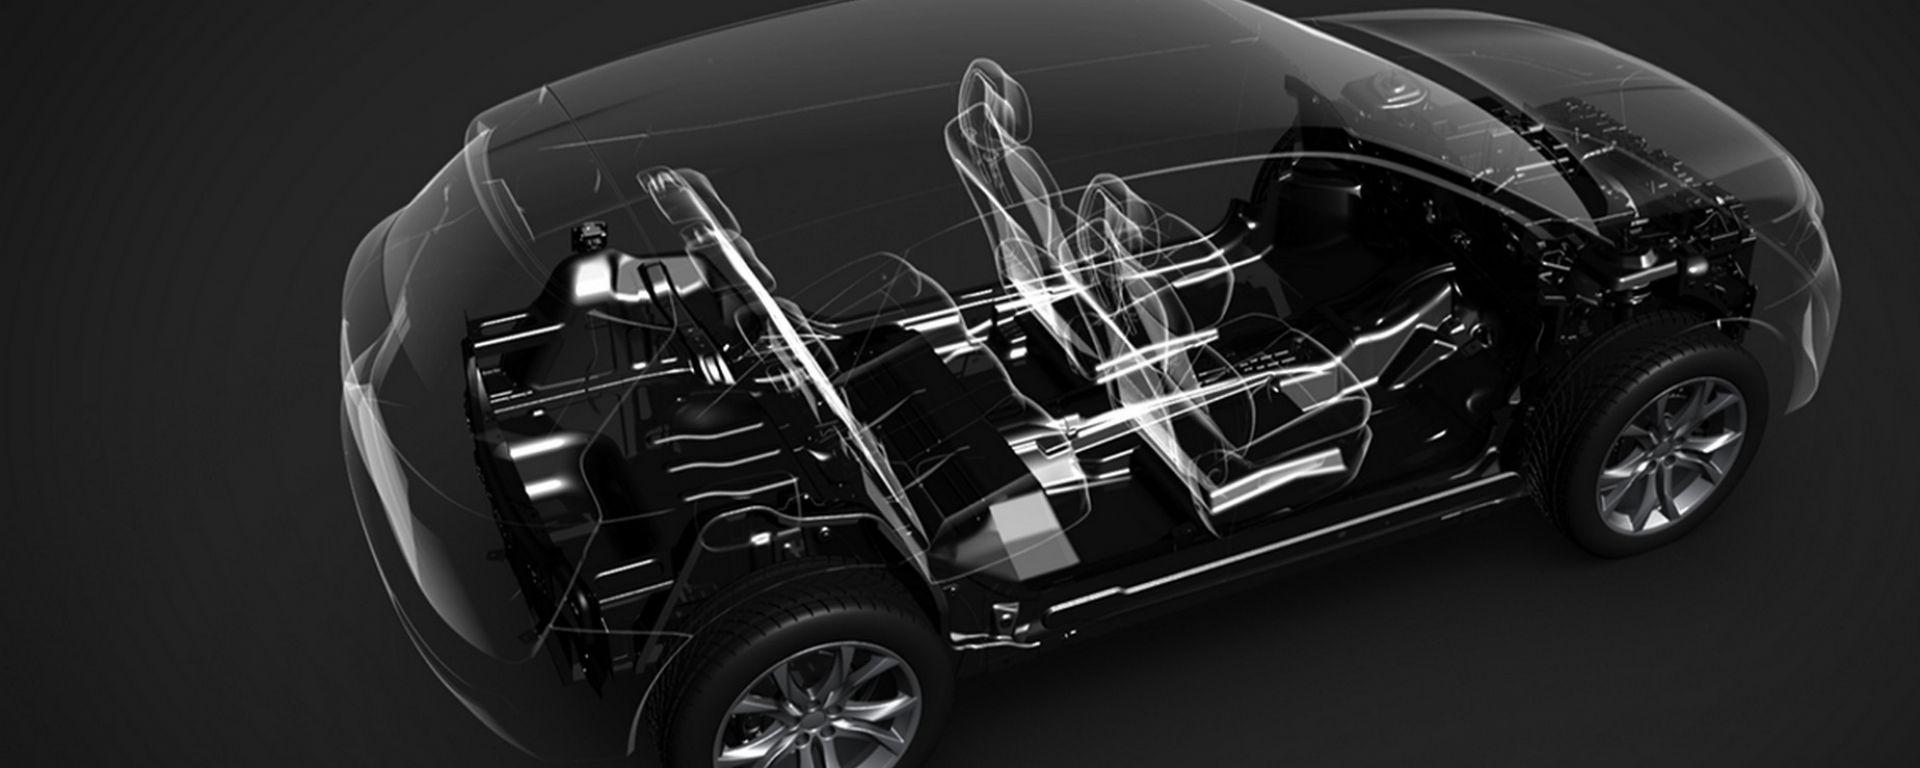 Peugeot, Citroën e DS: così saranno le ibride e le elettriche del futuro